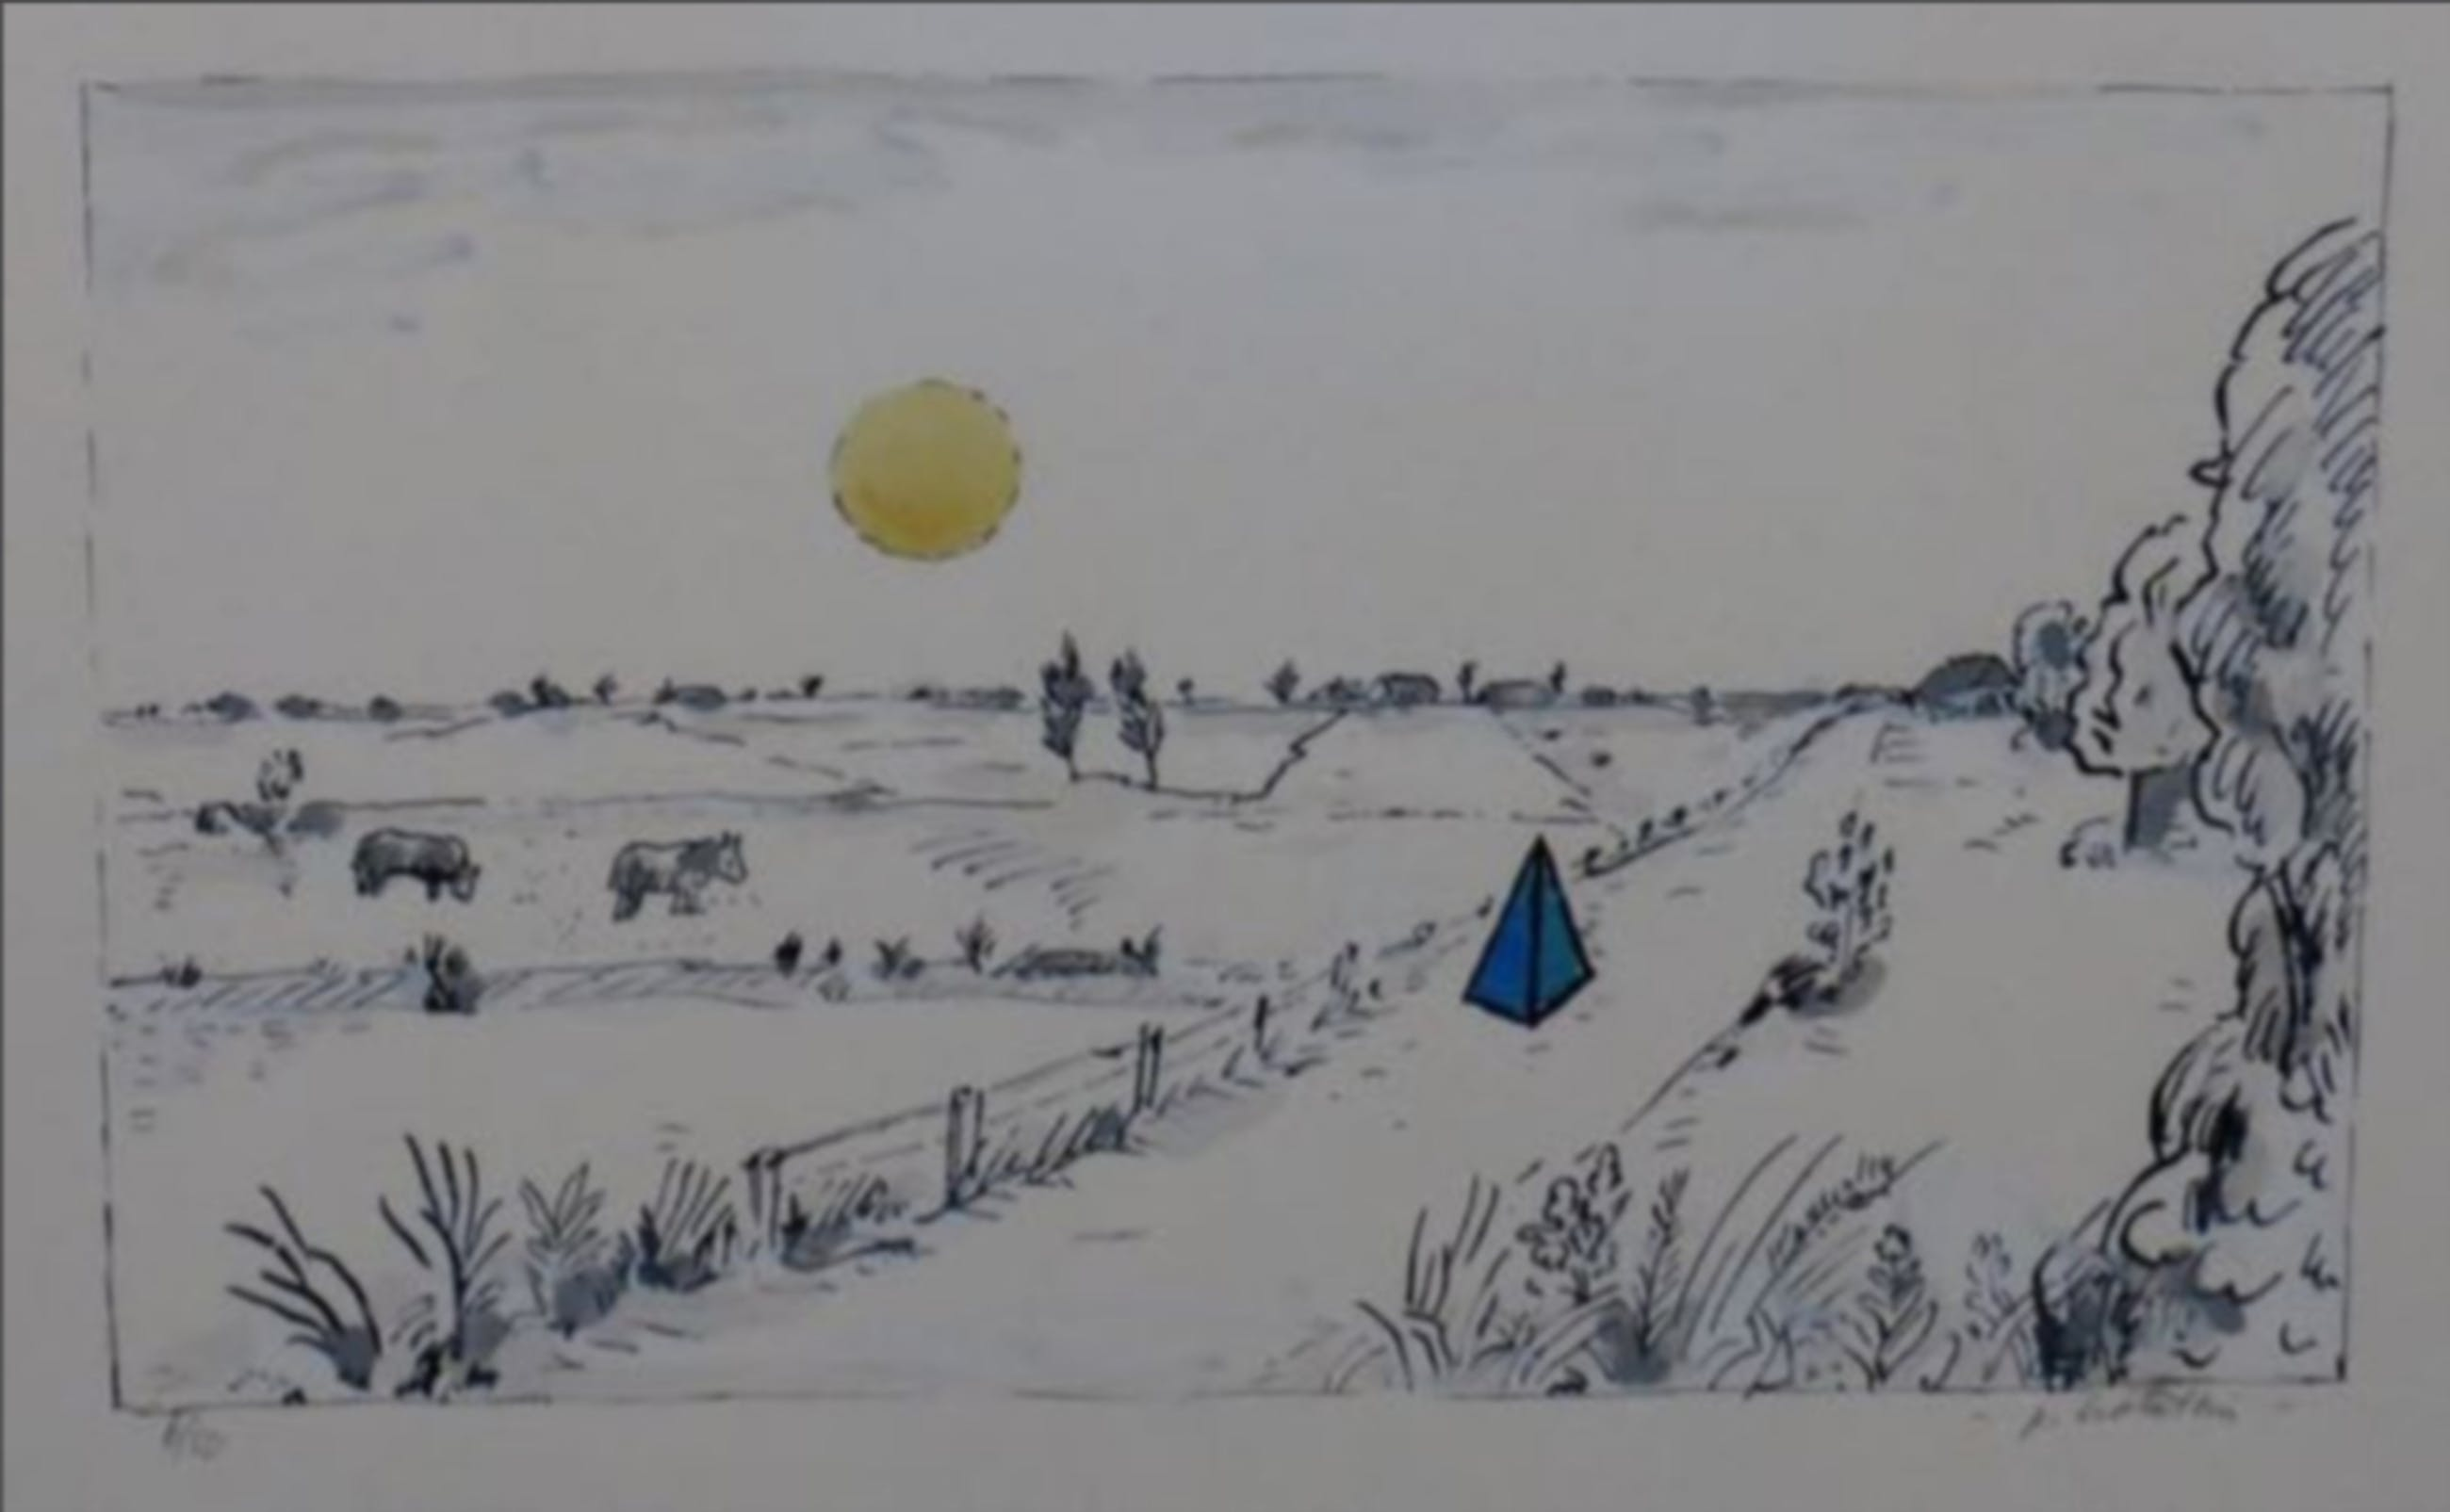 Pieter Holstein: Handgekleurde ets, Landschap met blauwe piramide kopen? Bied vanaf 1!